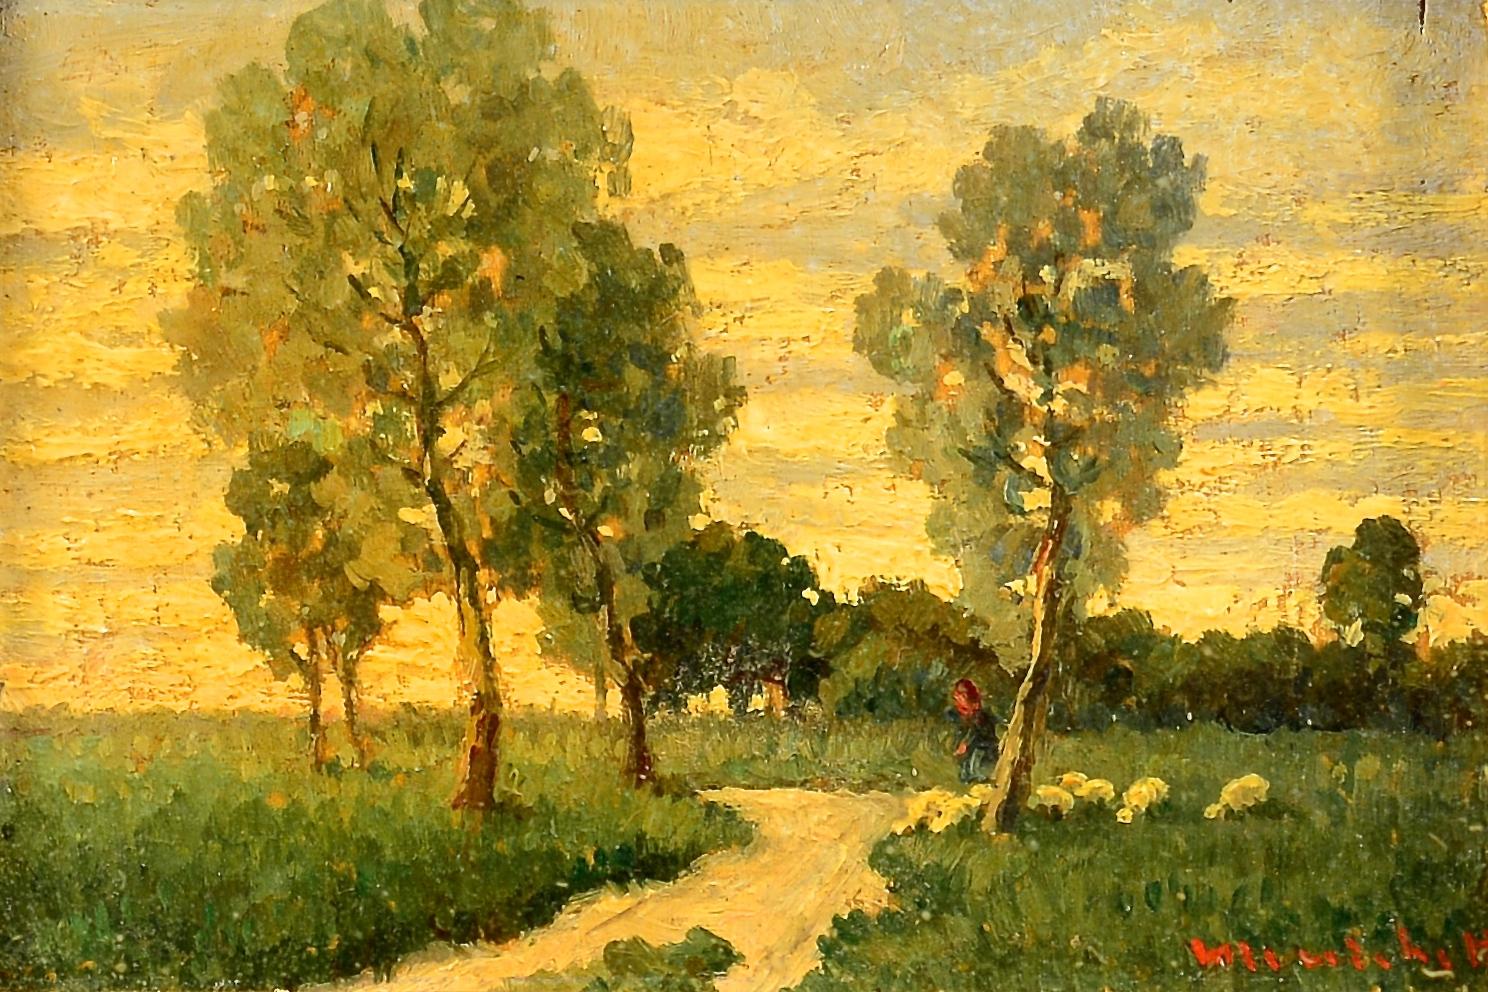 Lot 88: Two Miniature Landscapes, Menichetti